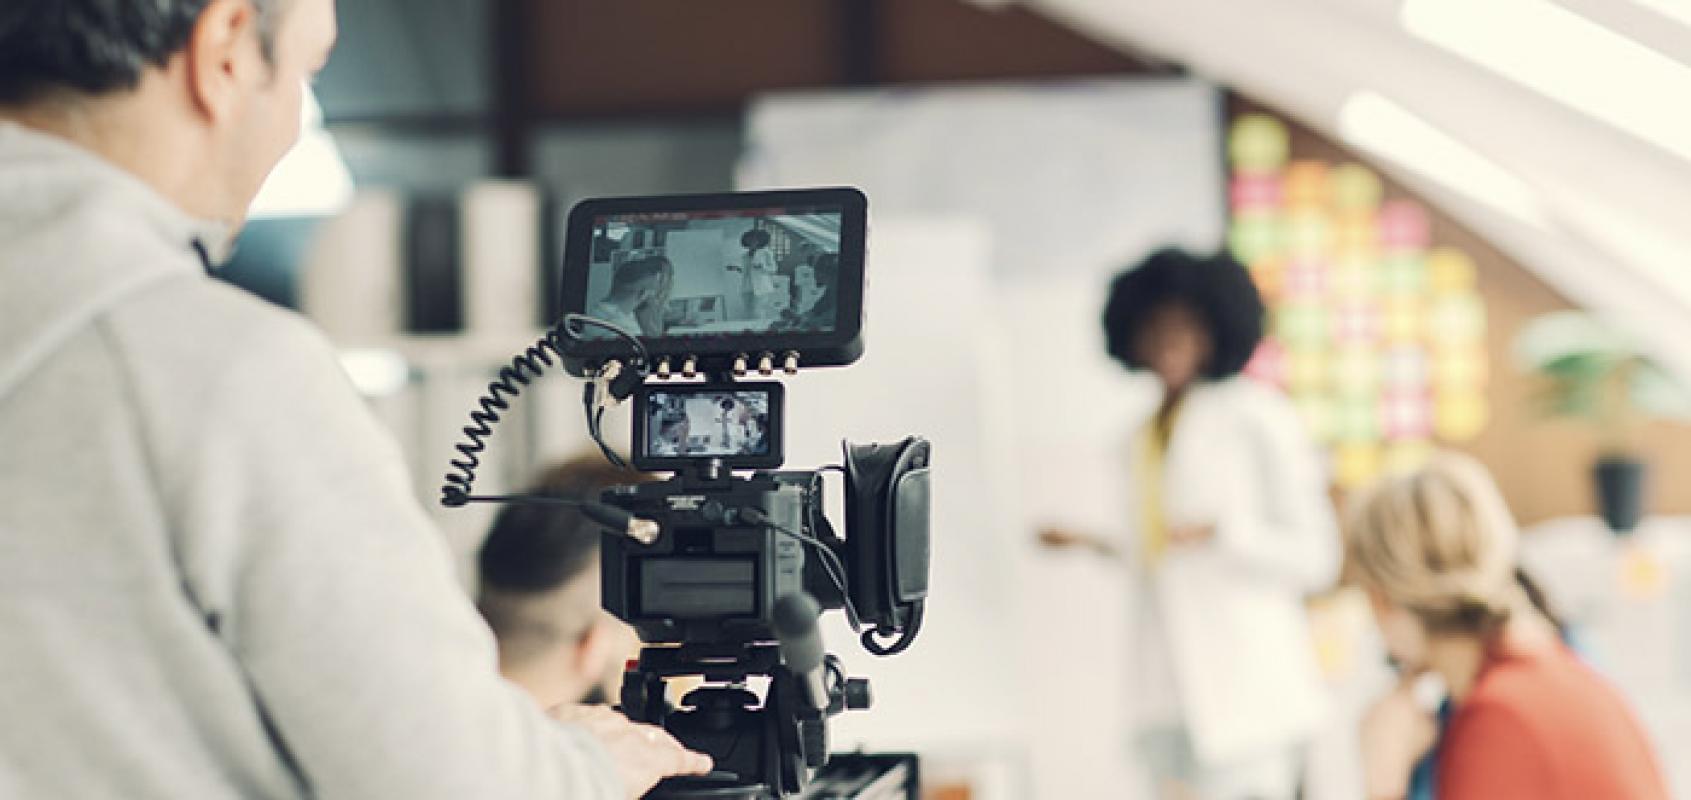 Нужна актриса со знанием немецкого 28-35 лет для съемки короткометражного фильма